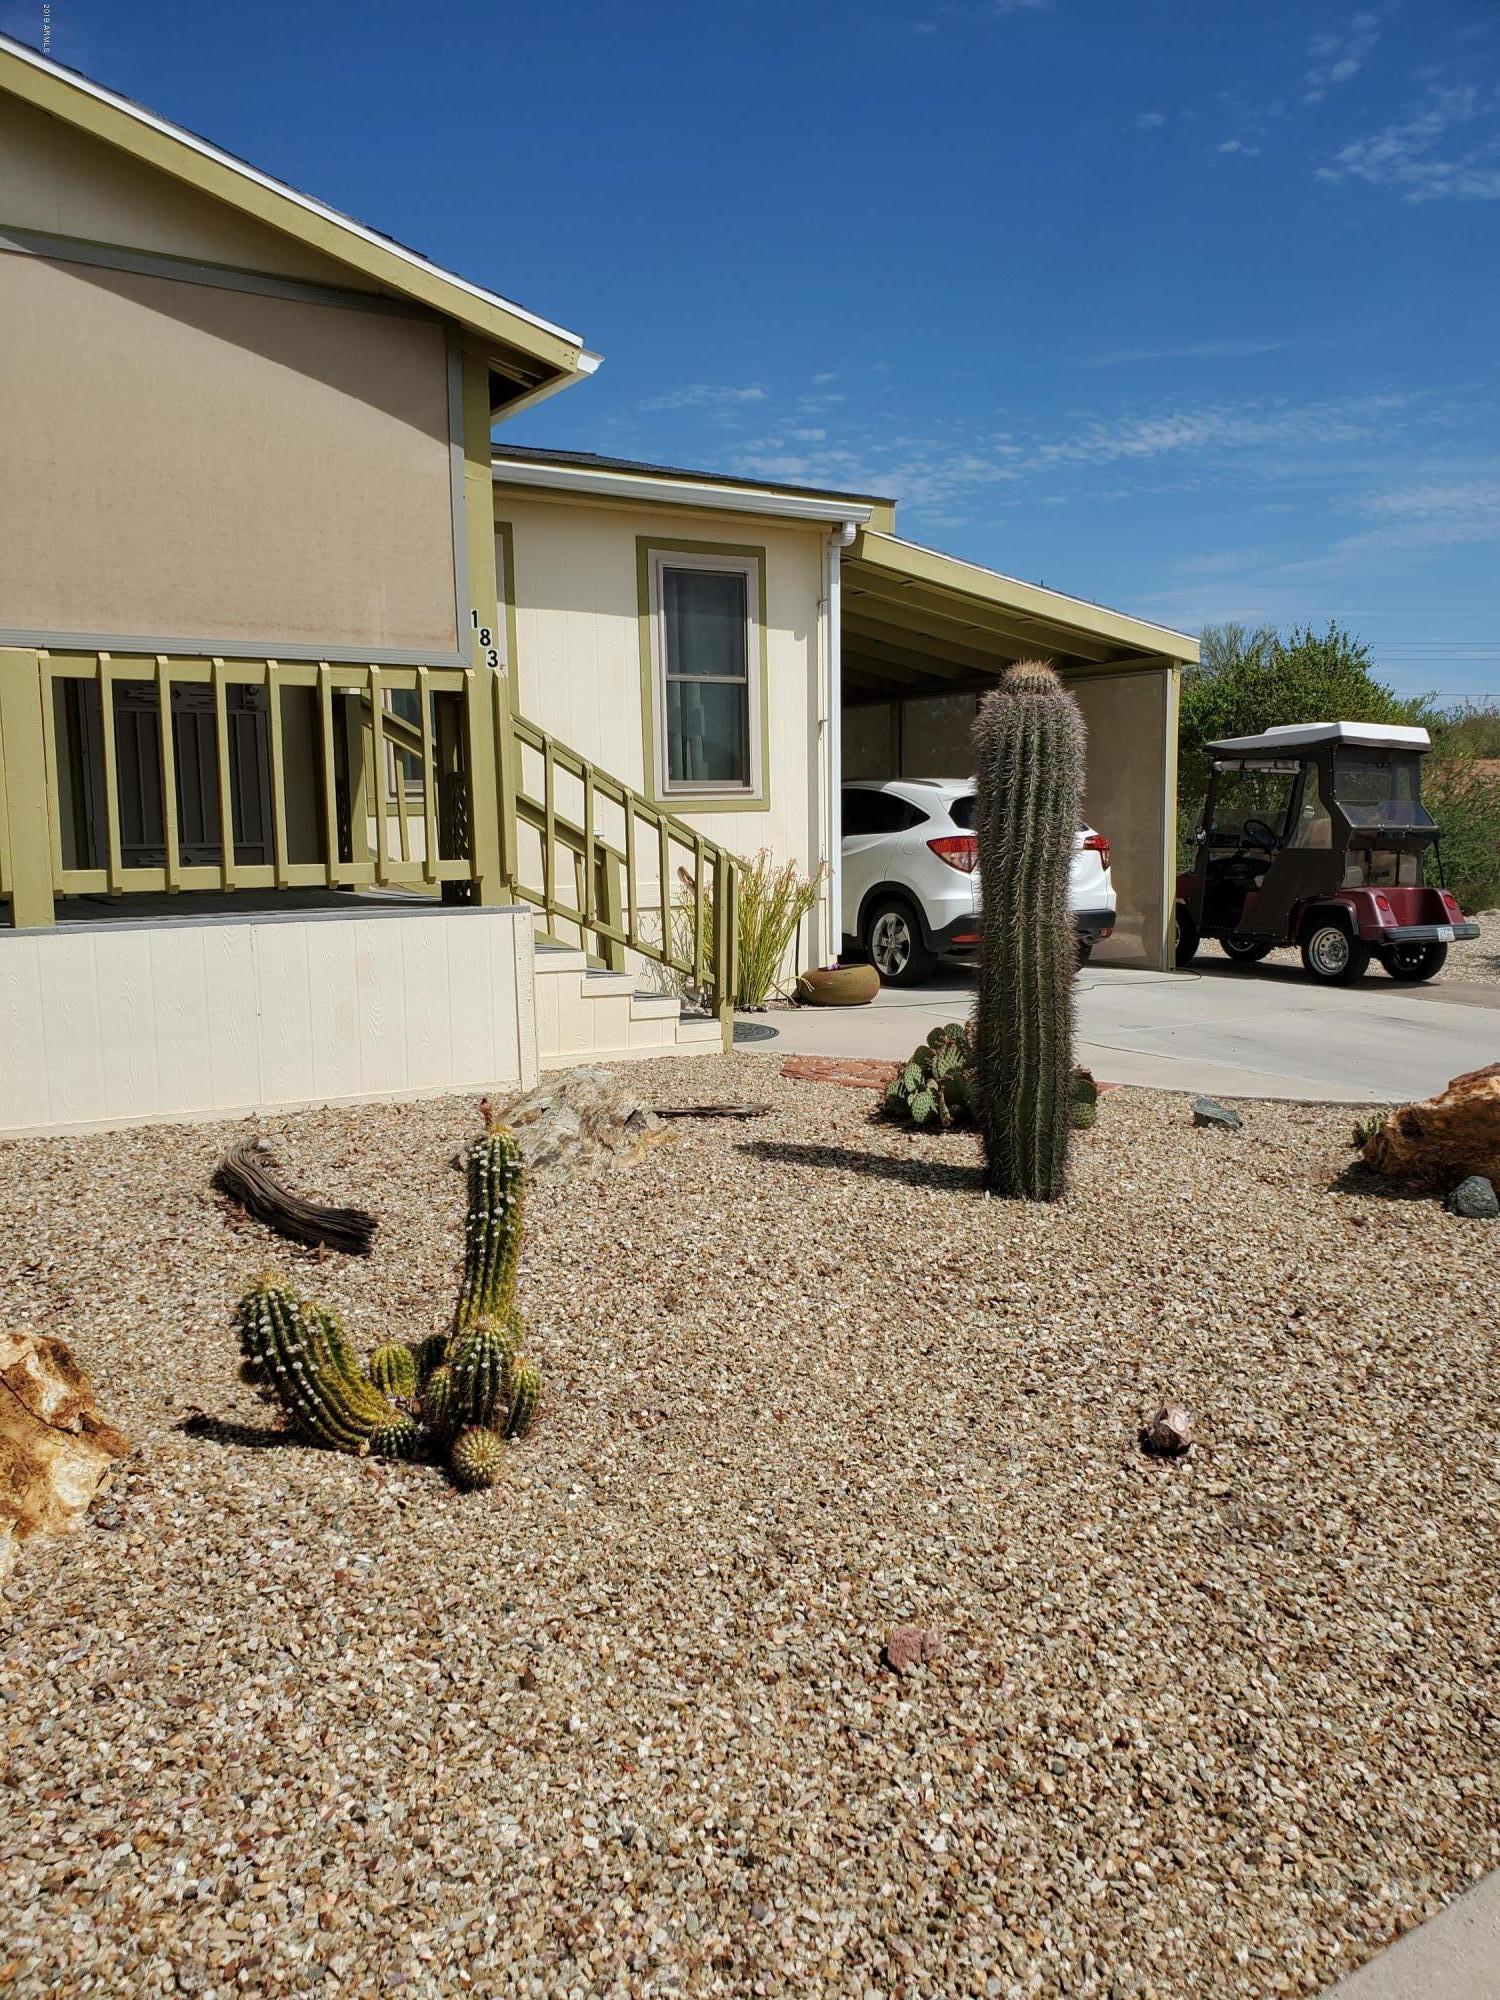 Photo of 2501 W Wickenburg Way #183, Wickenburg, AZ 85390